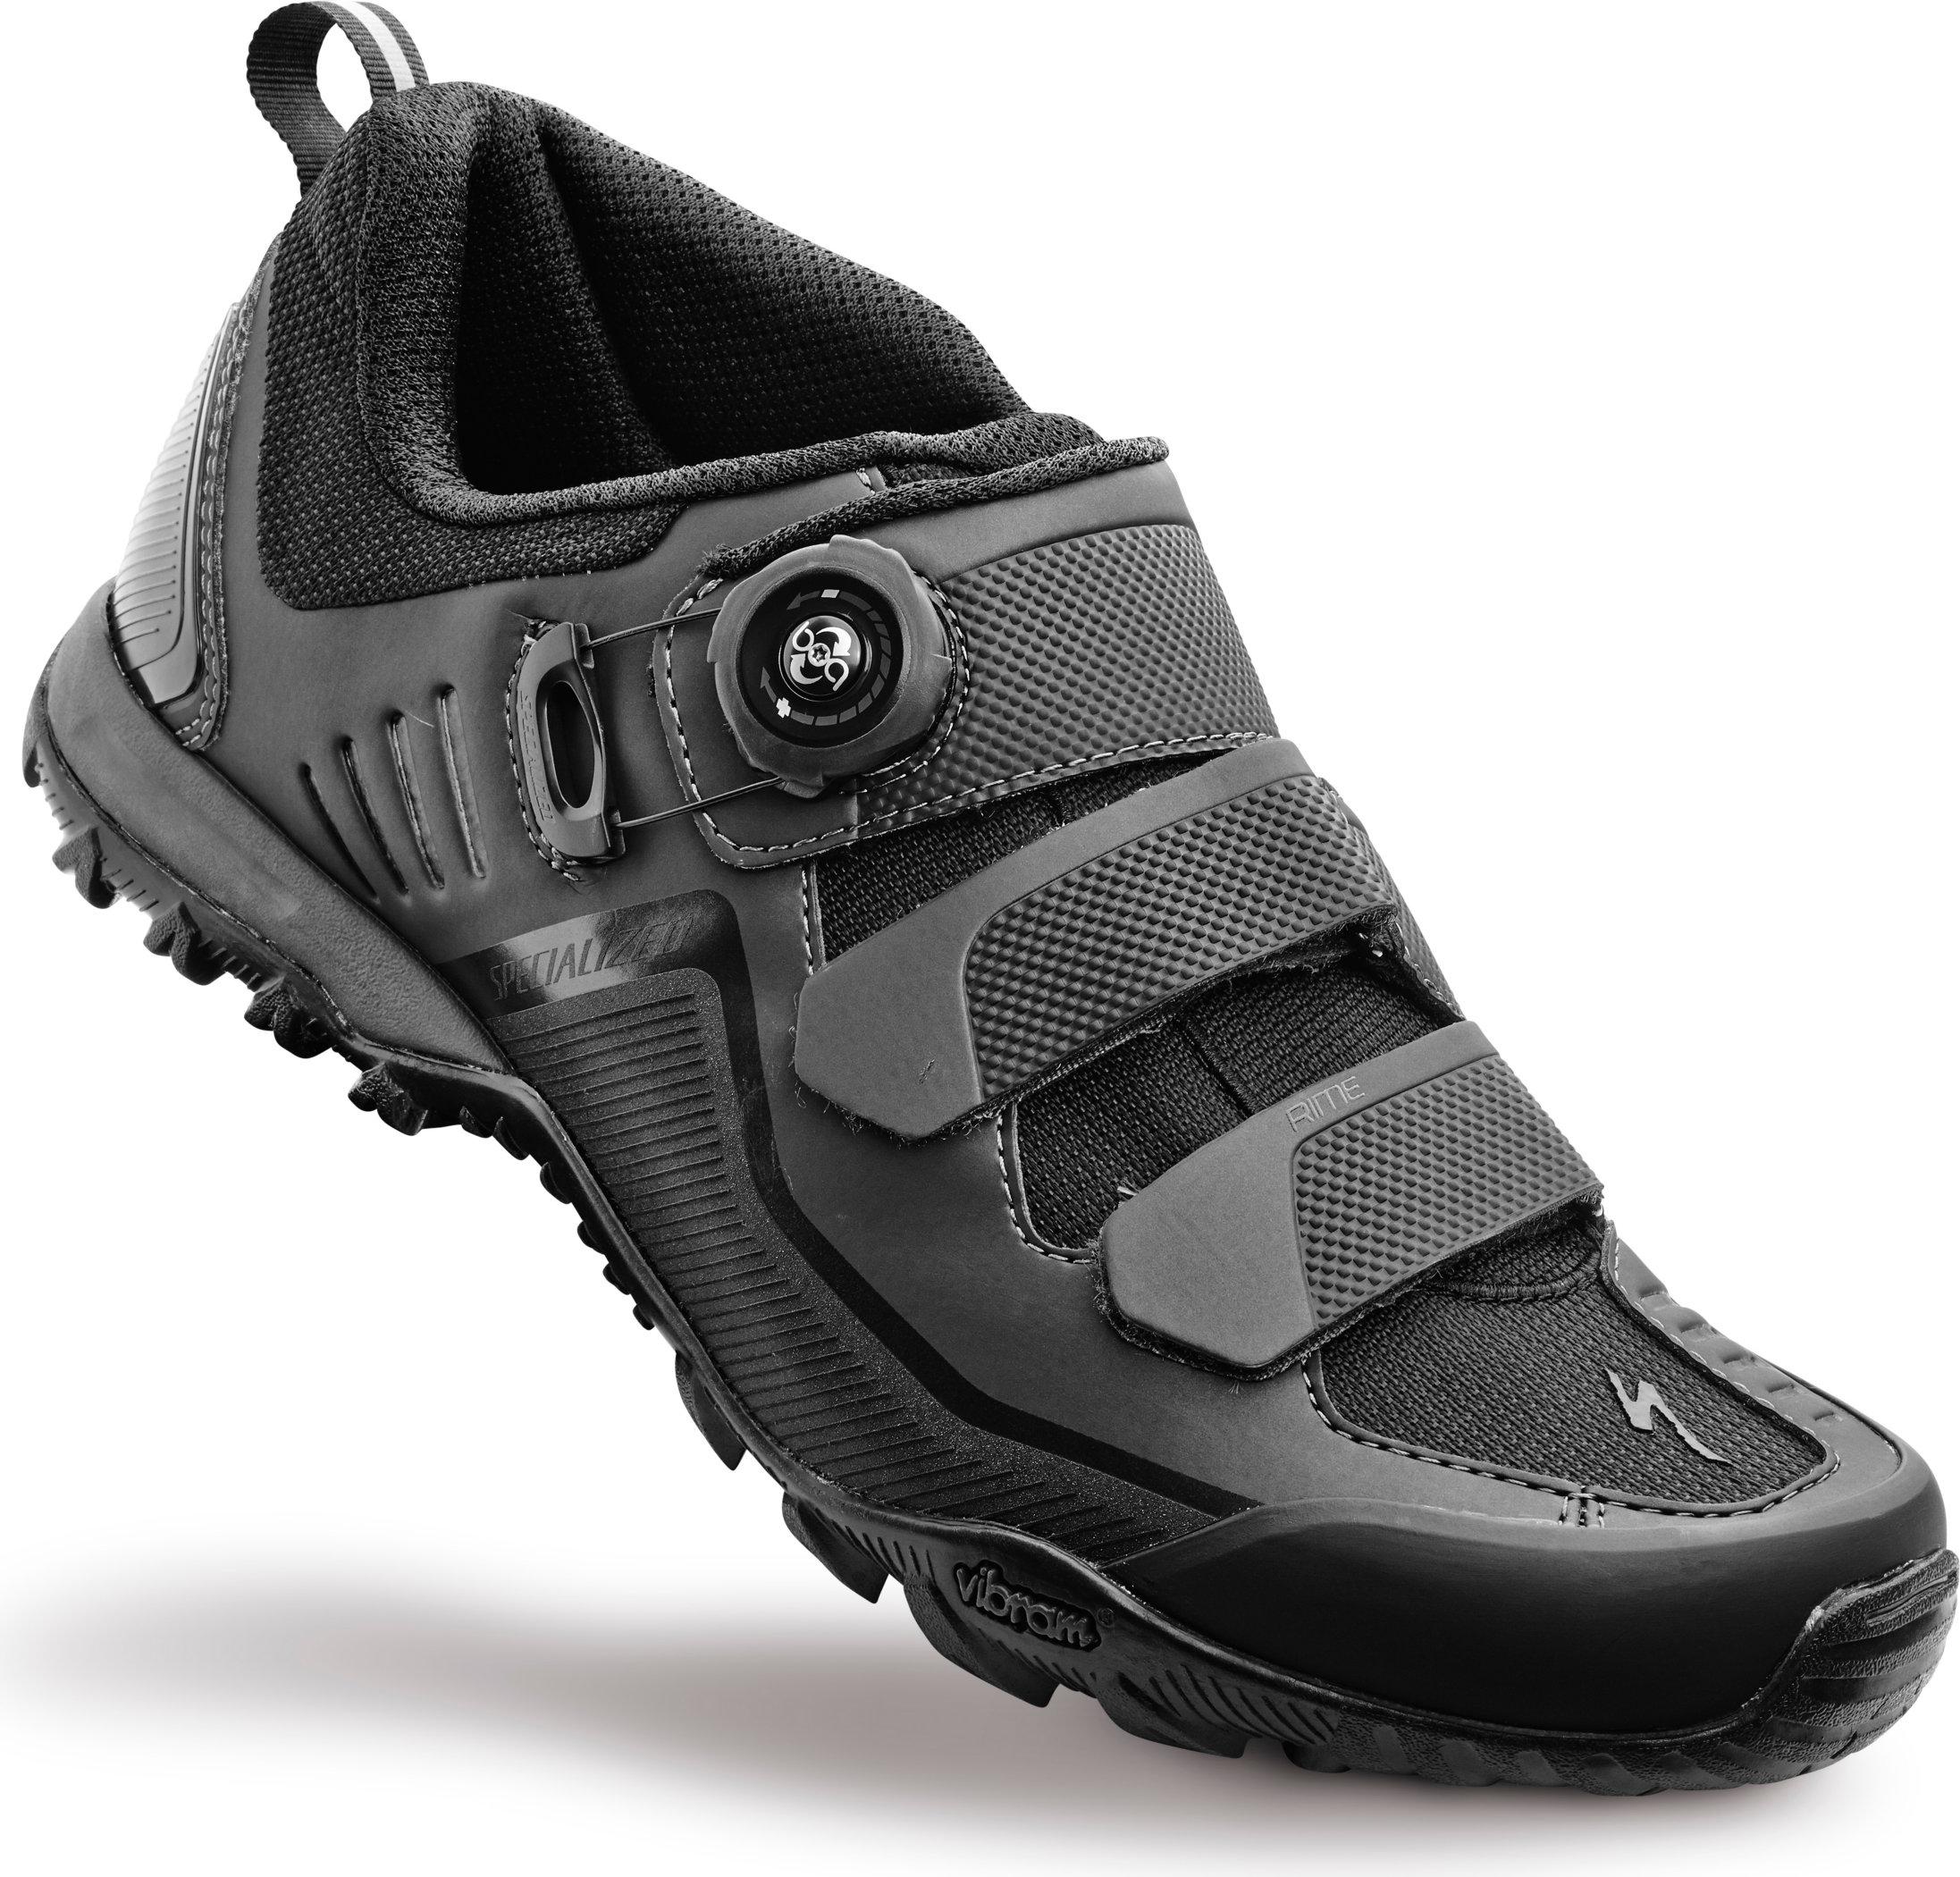 414699e16b Rime Expert Mountain Bike Shoes   Specialized.com